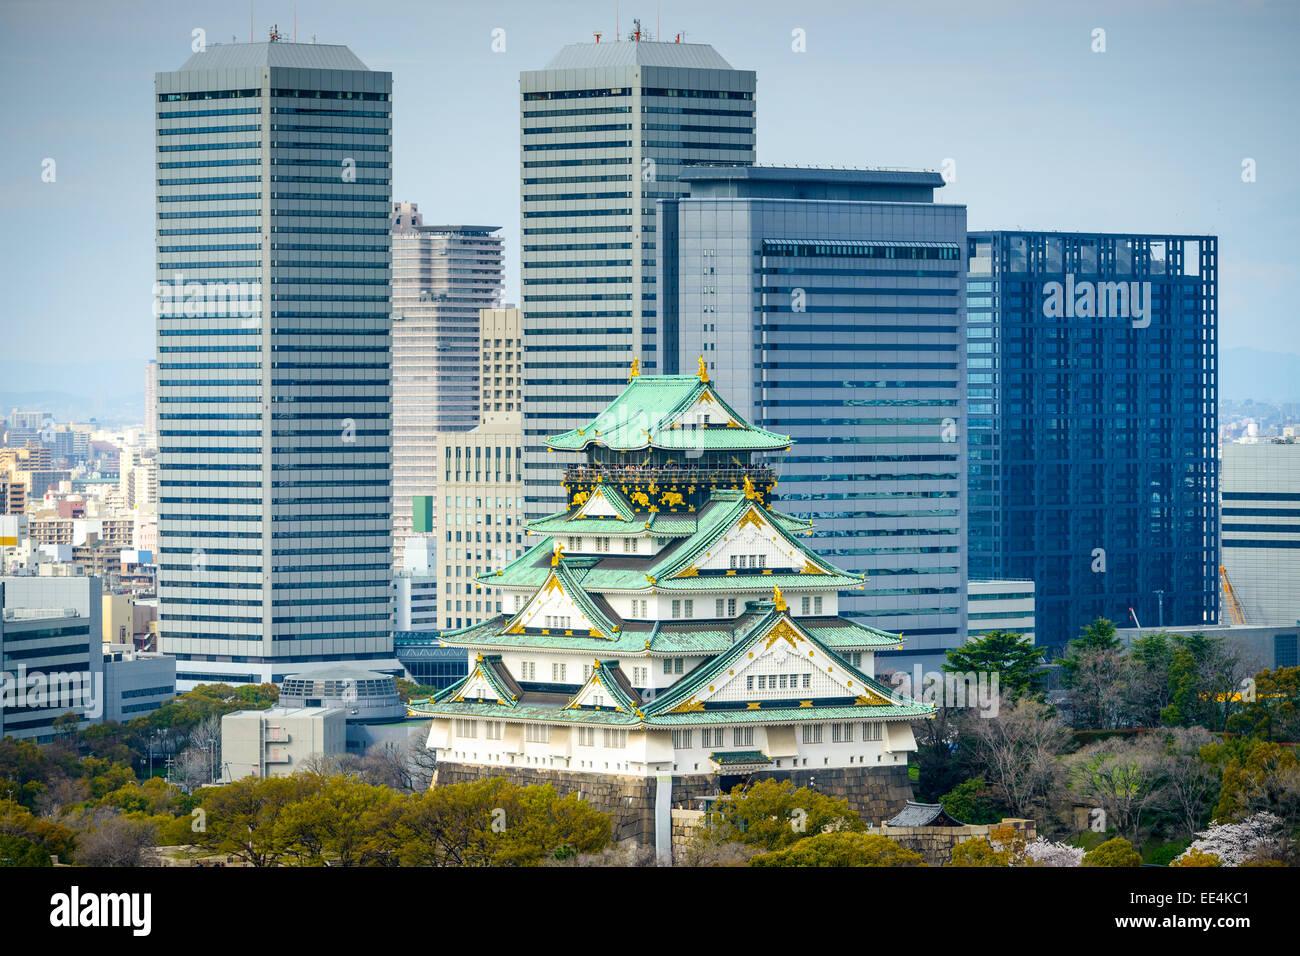 Osaka, Japón, del paisaje urbano en el castillo. Imagen De Stock